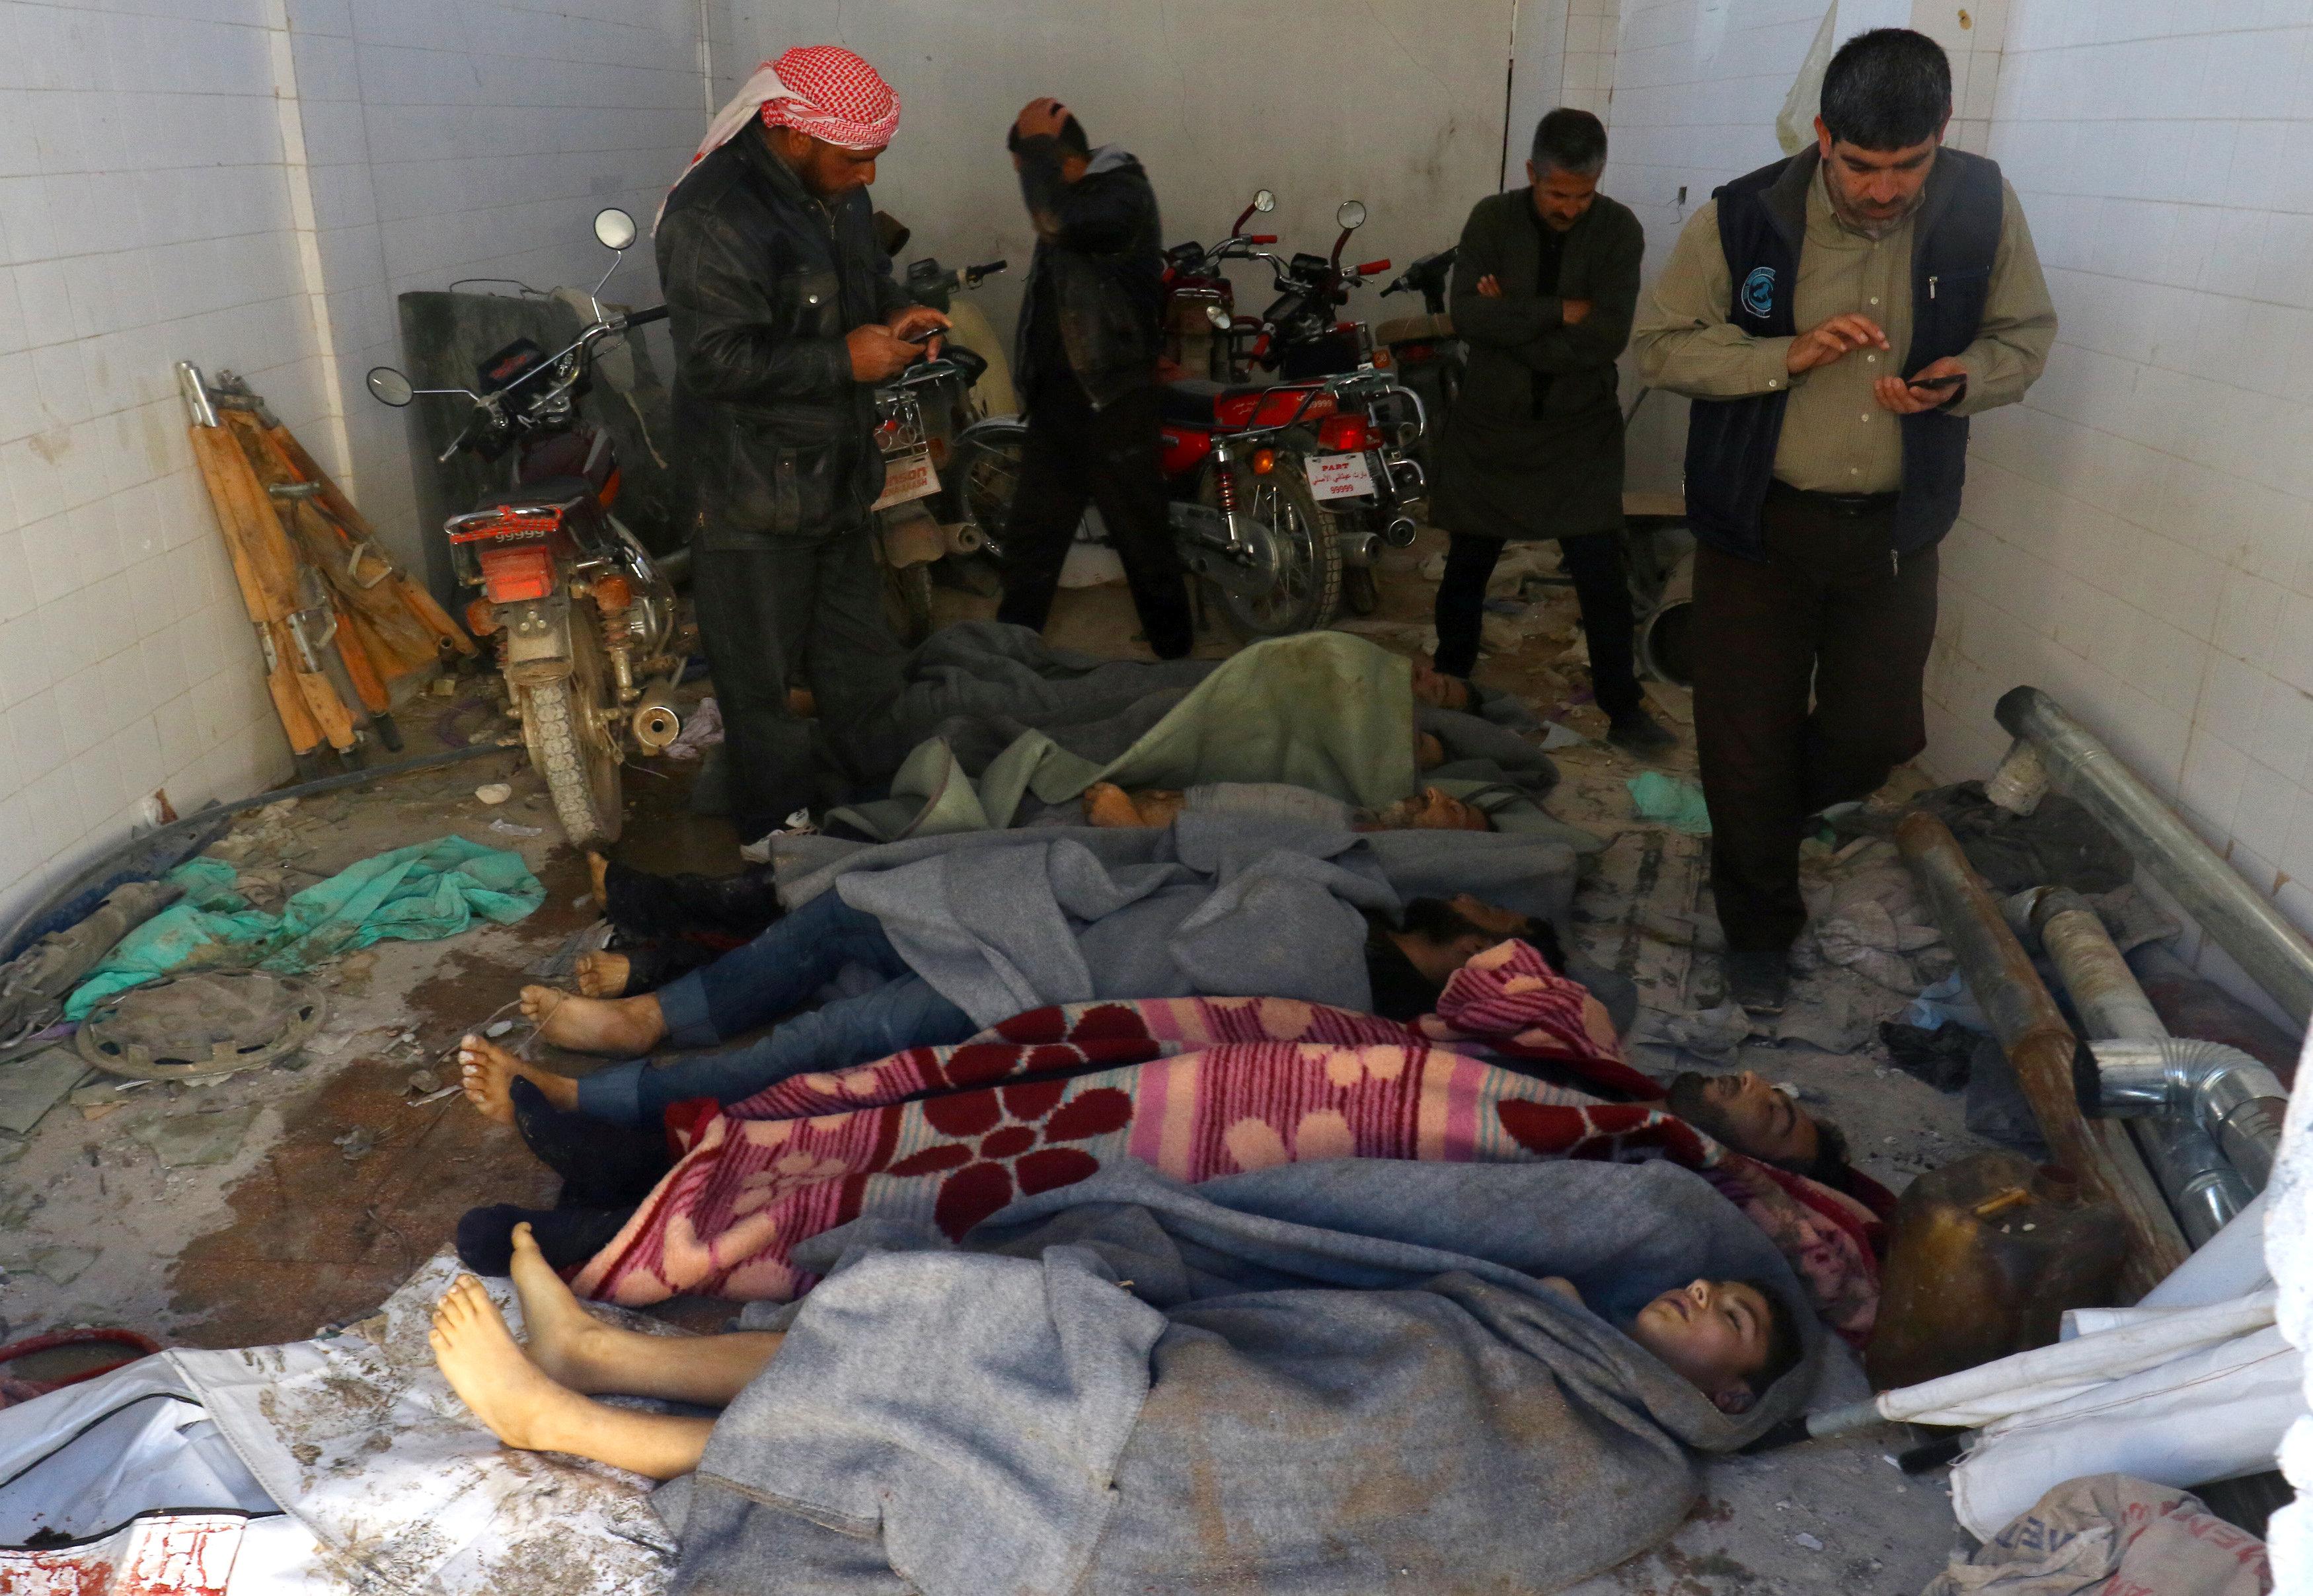 2017 04 04T092855Z 1033274443 RC137F5F6C20 RTRMADP 3 MIDEAST CRISIS SYRIA IDLIB